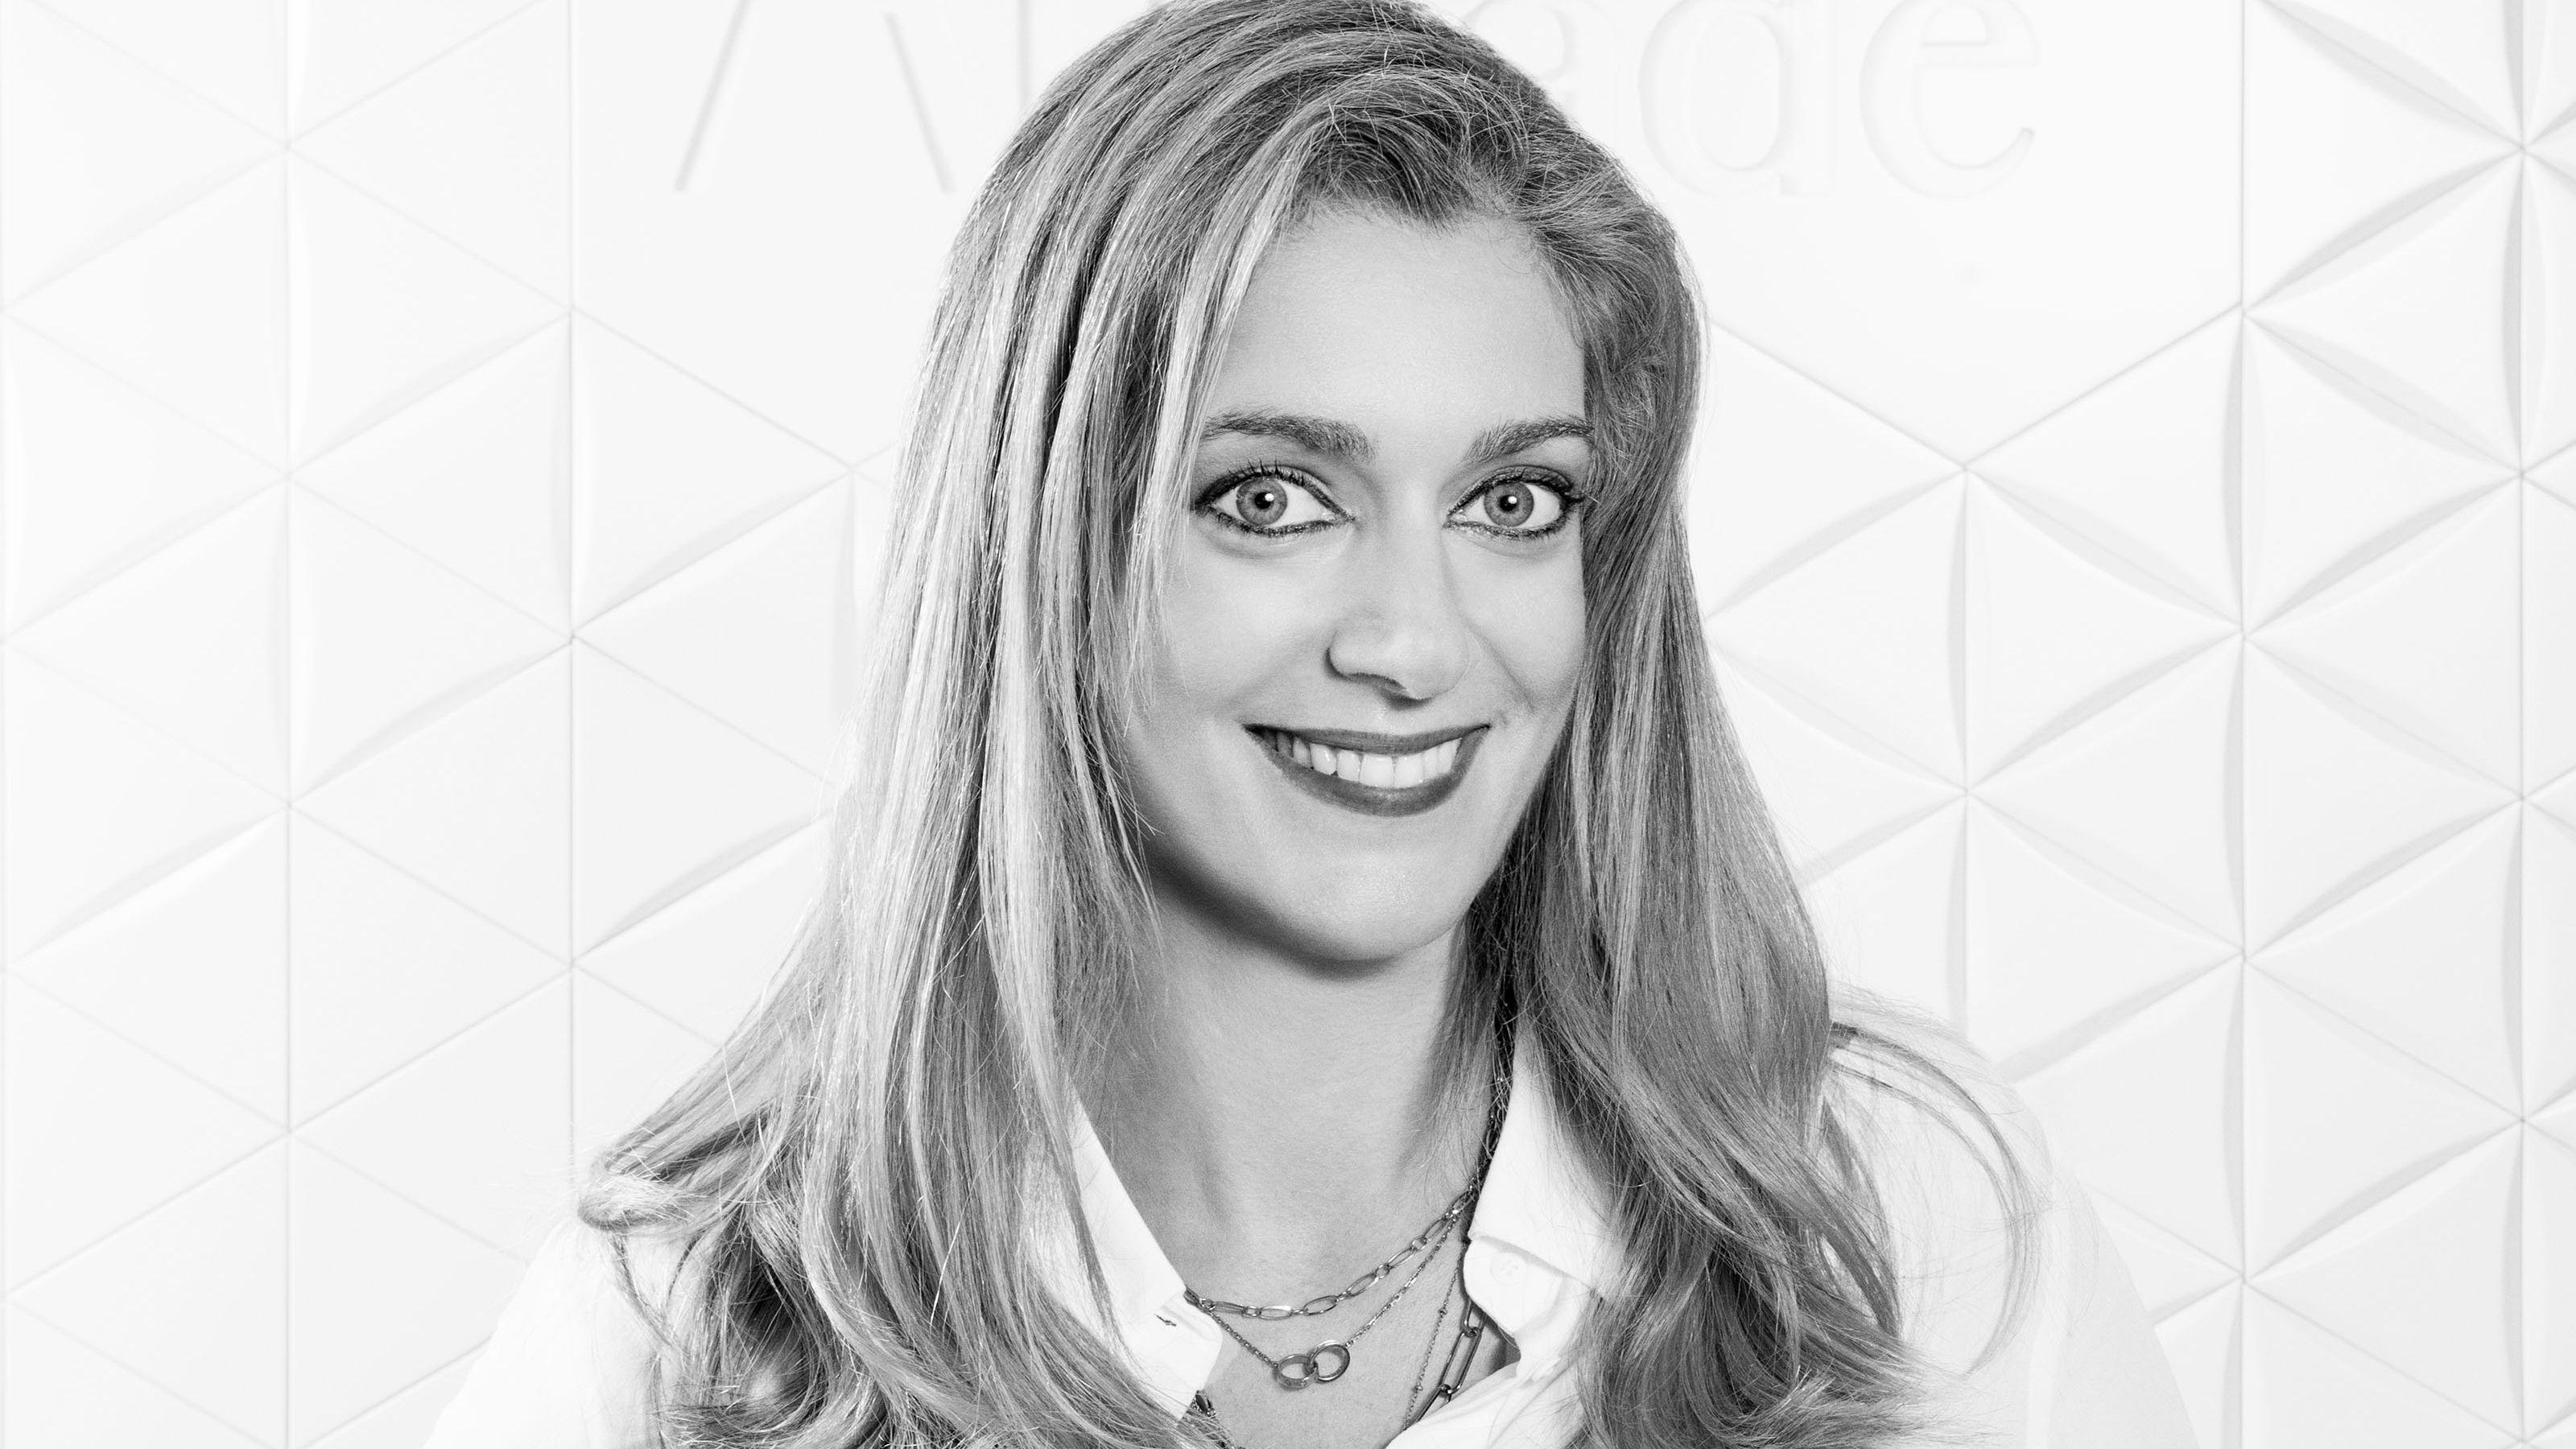 Neue-Markenchefin-bei-der-Calida-Tochter-Aubade-Samar-Vignals-wird-Product-Brand-Direktorin